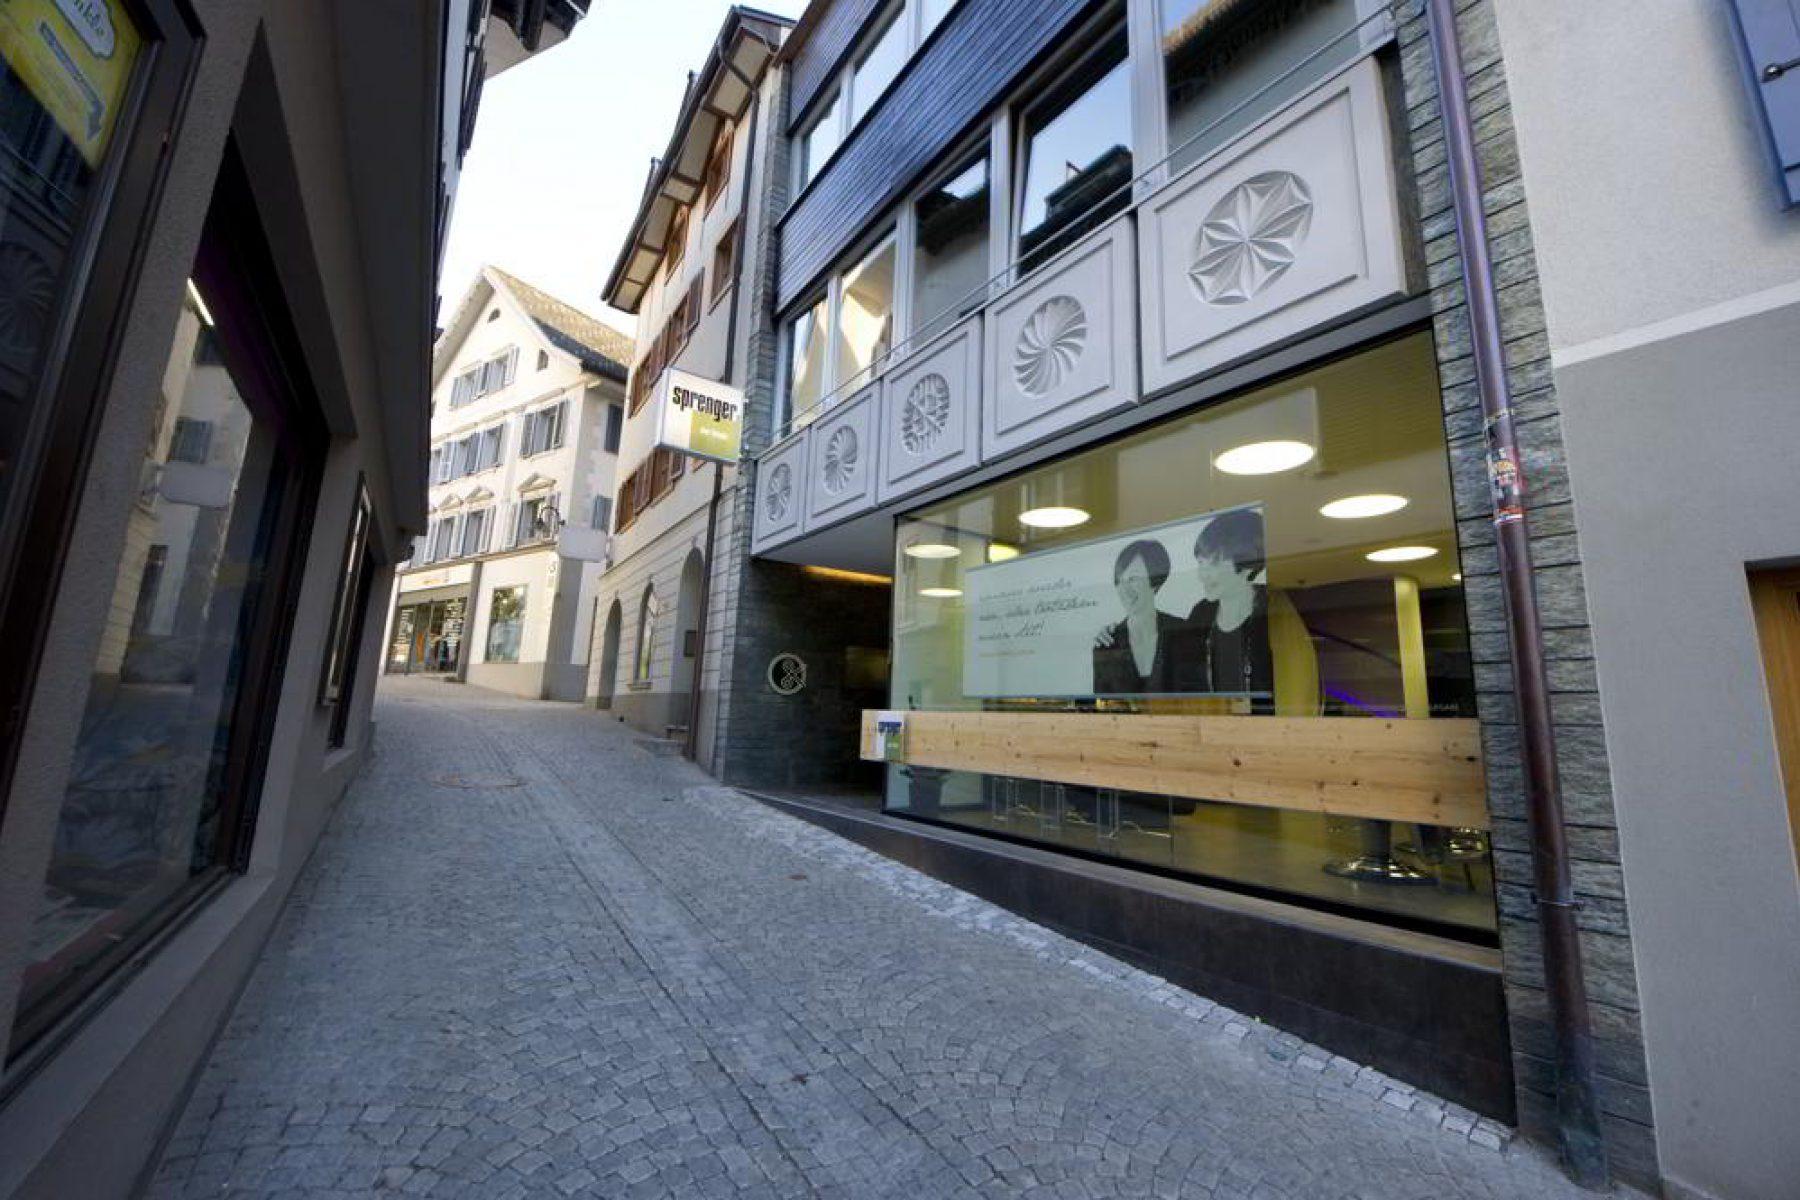 Geschäft-Schruns-2011-5148